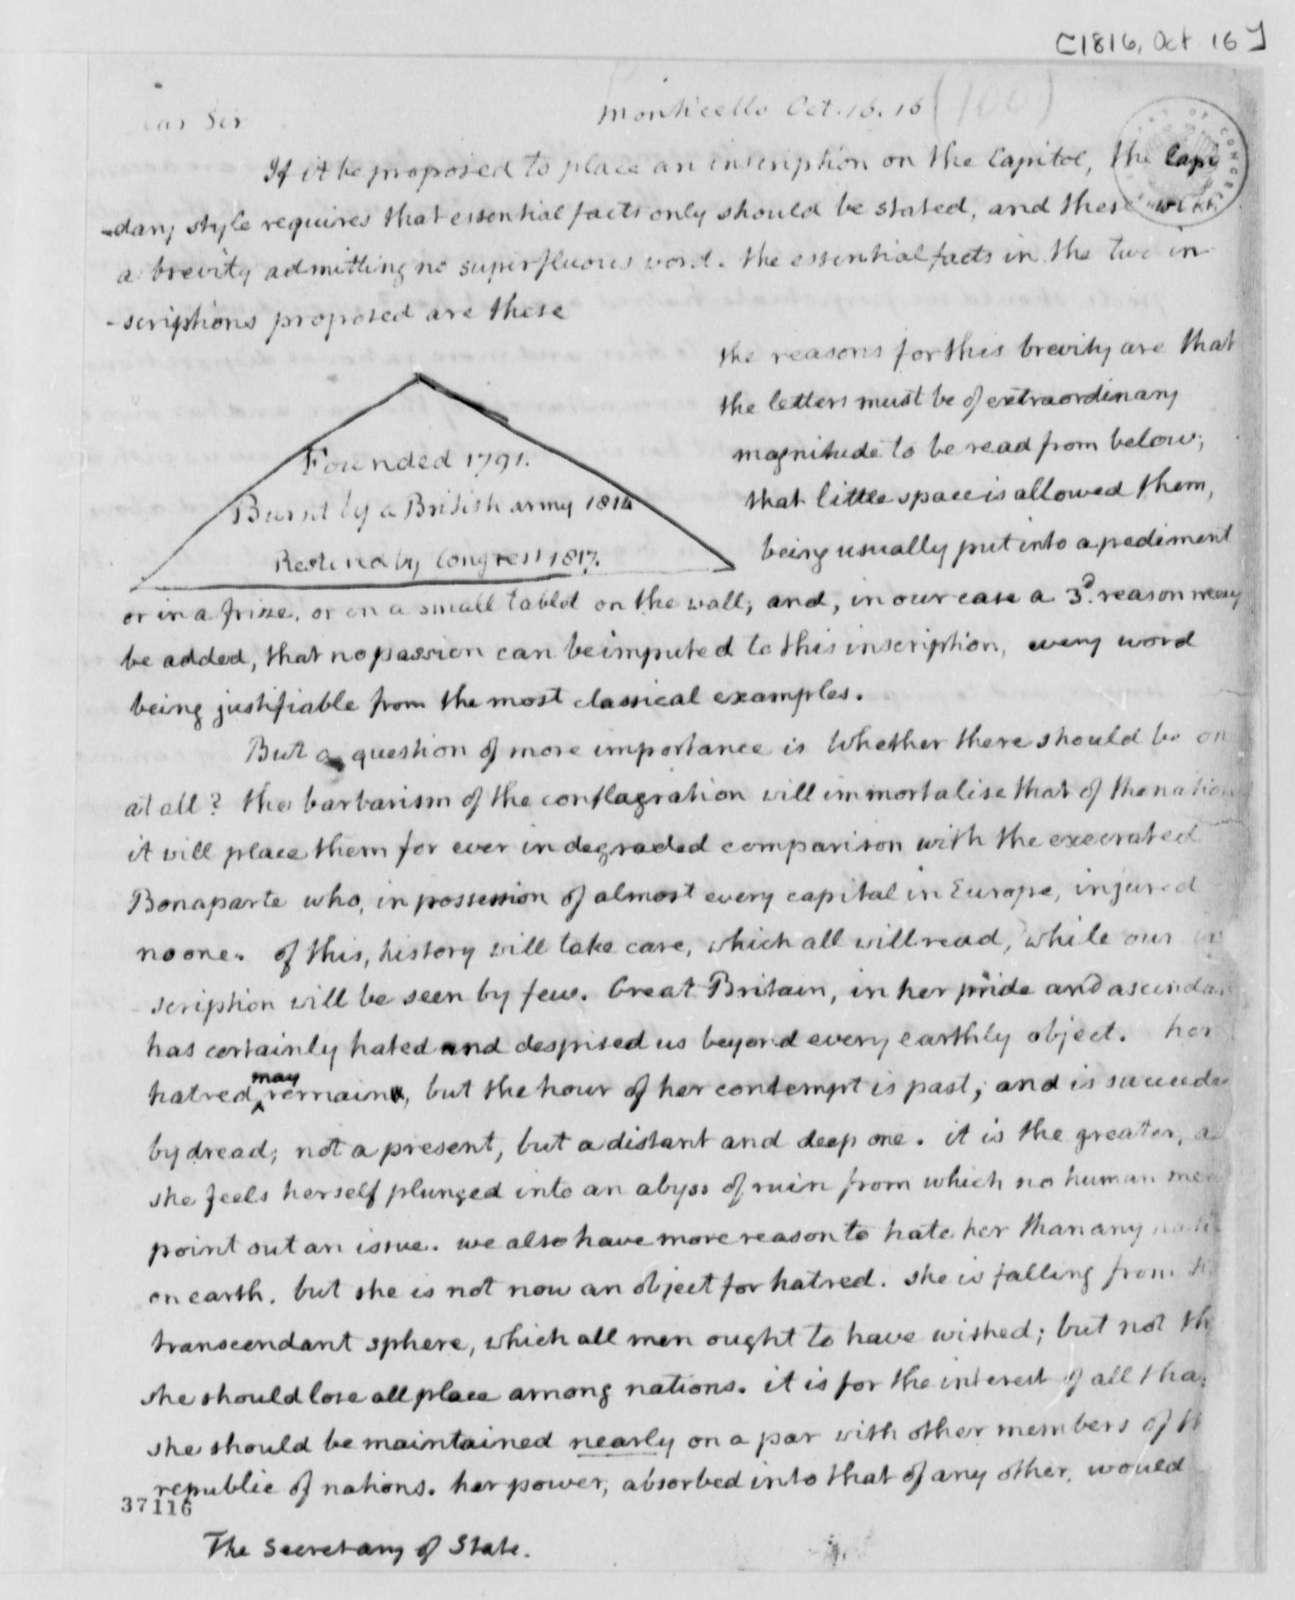 Thomas Jefferson to James Monroe, October 16, 1816